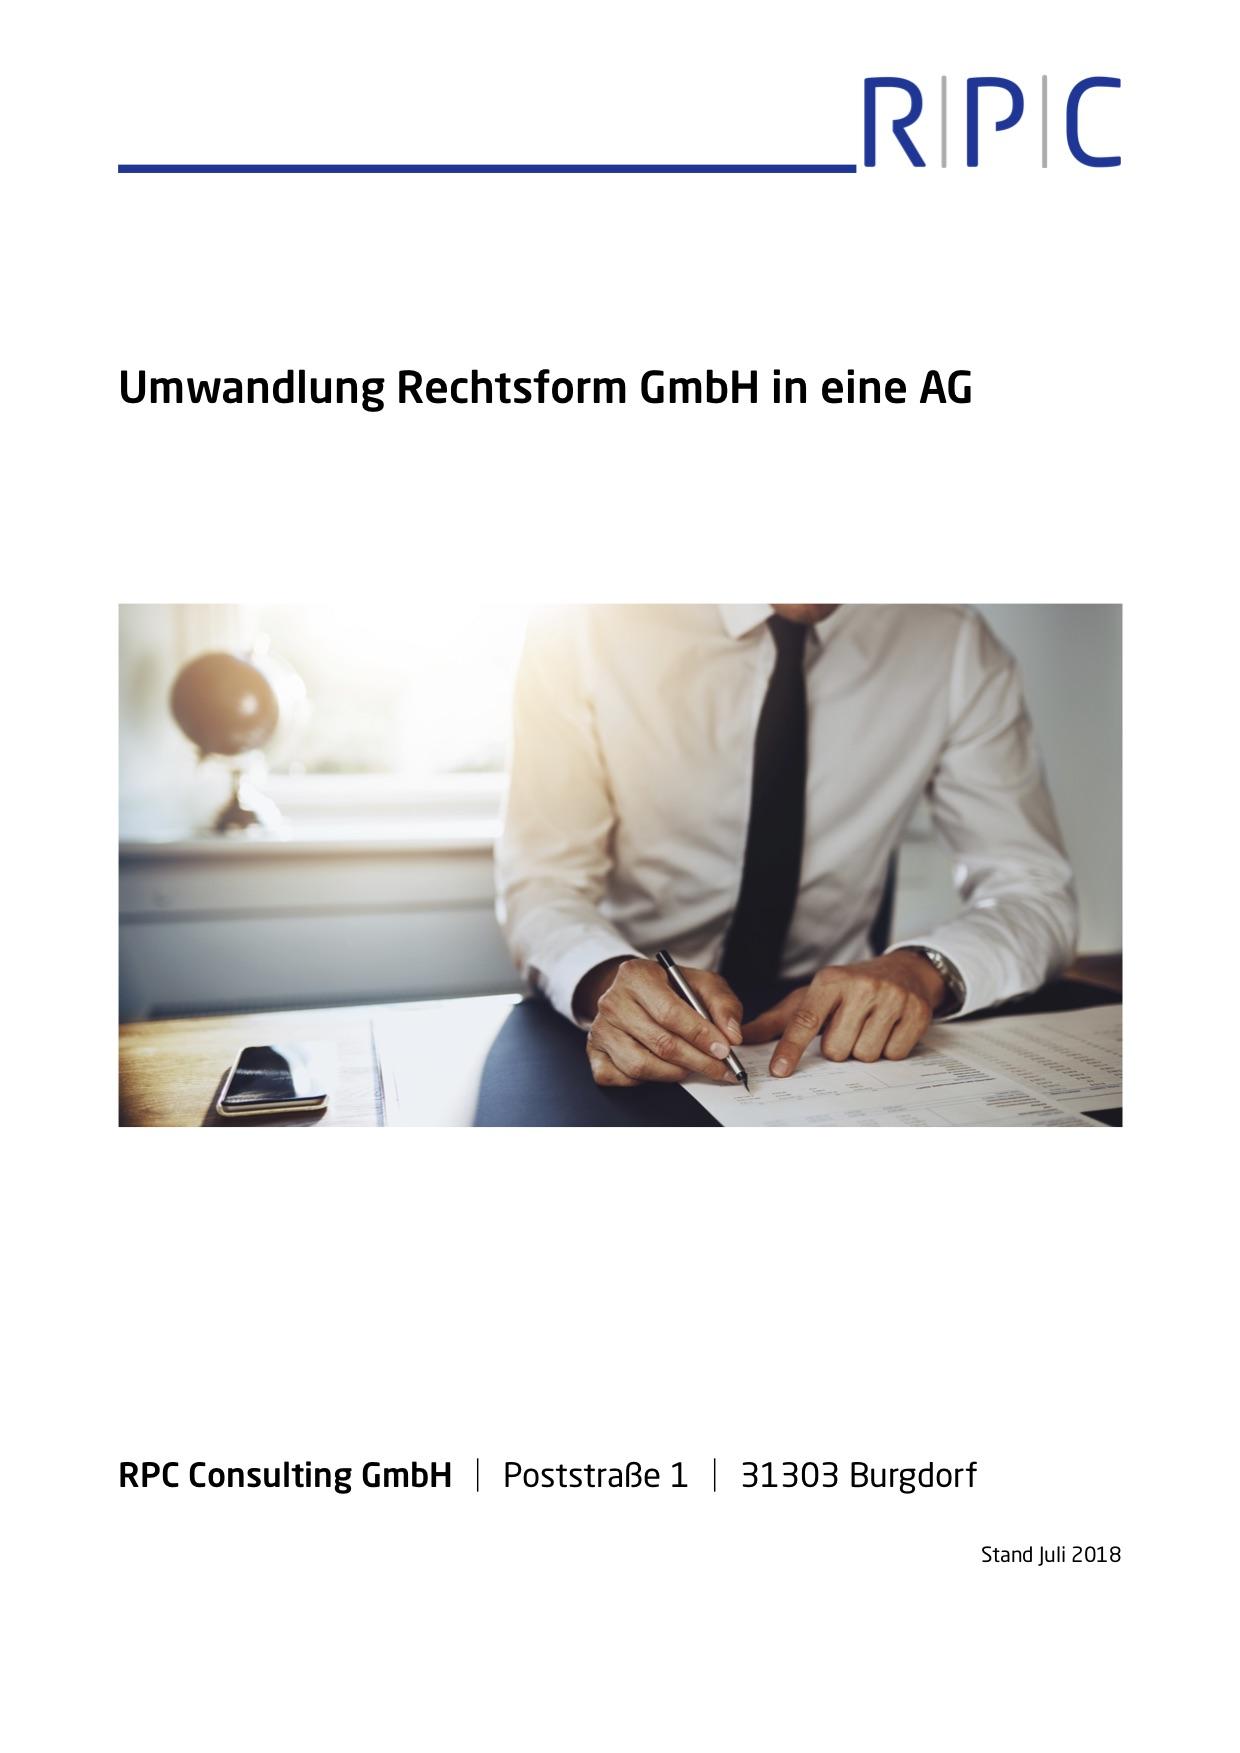 Umwandlungsgesetz (UmwG) - Umwandlung Rechtsform GmbH in AG